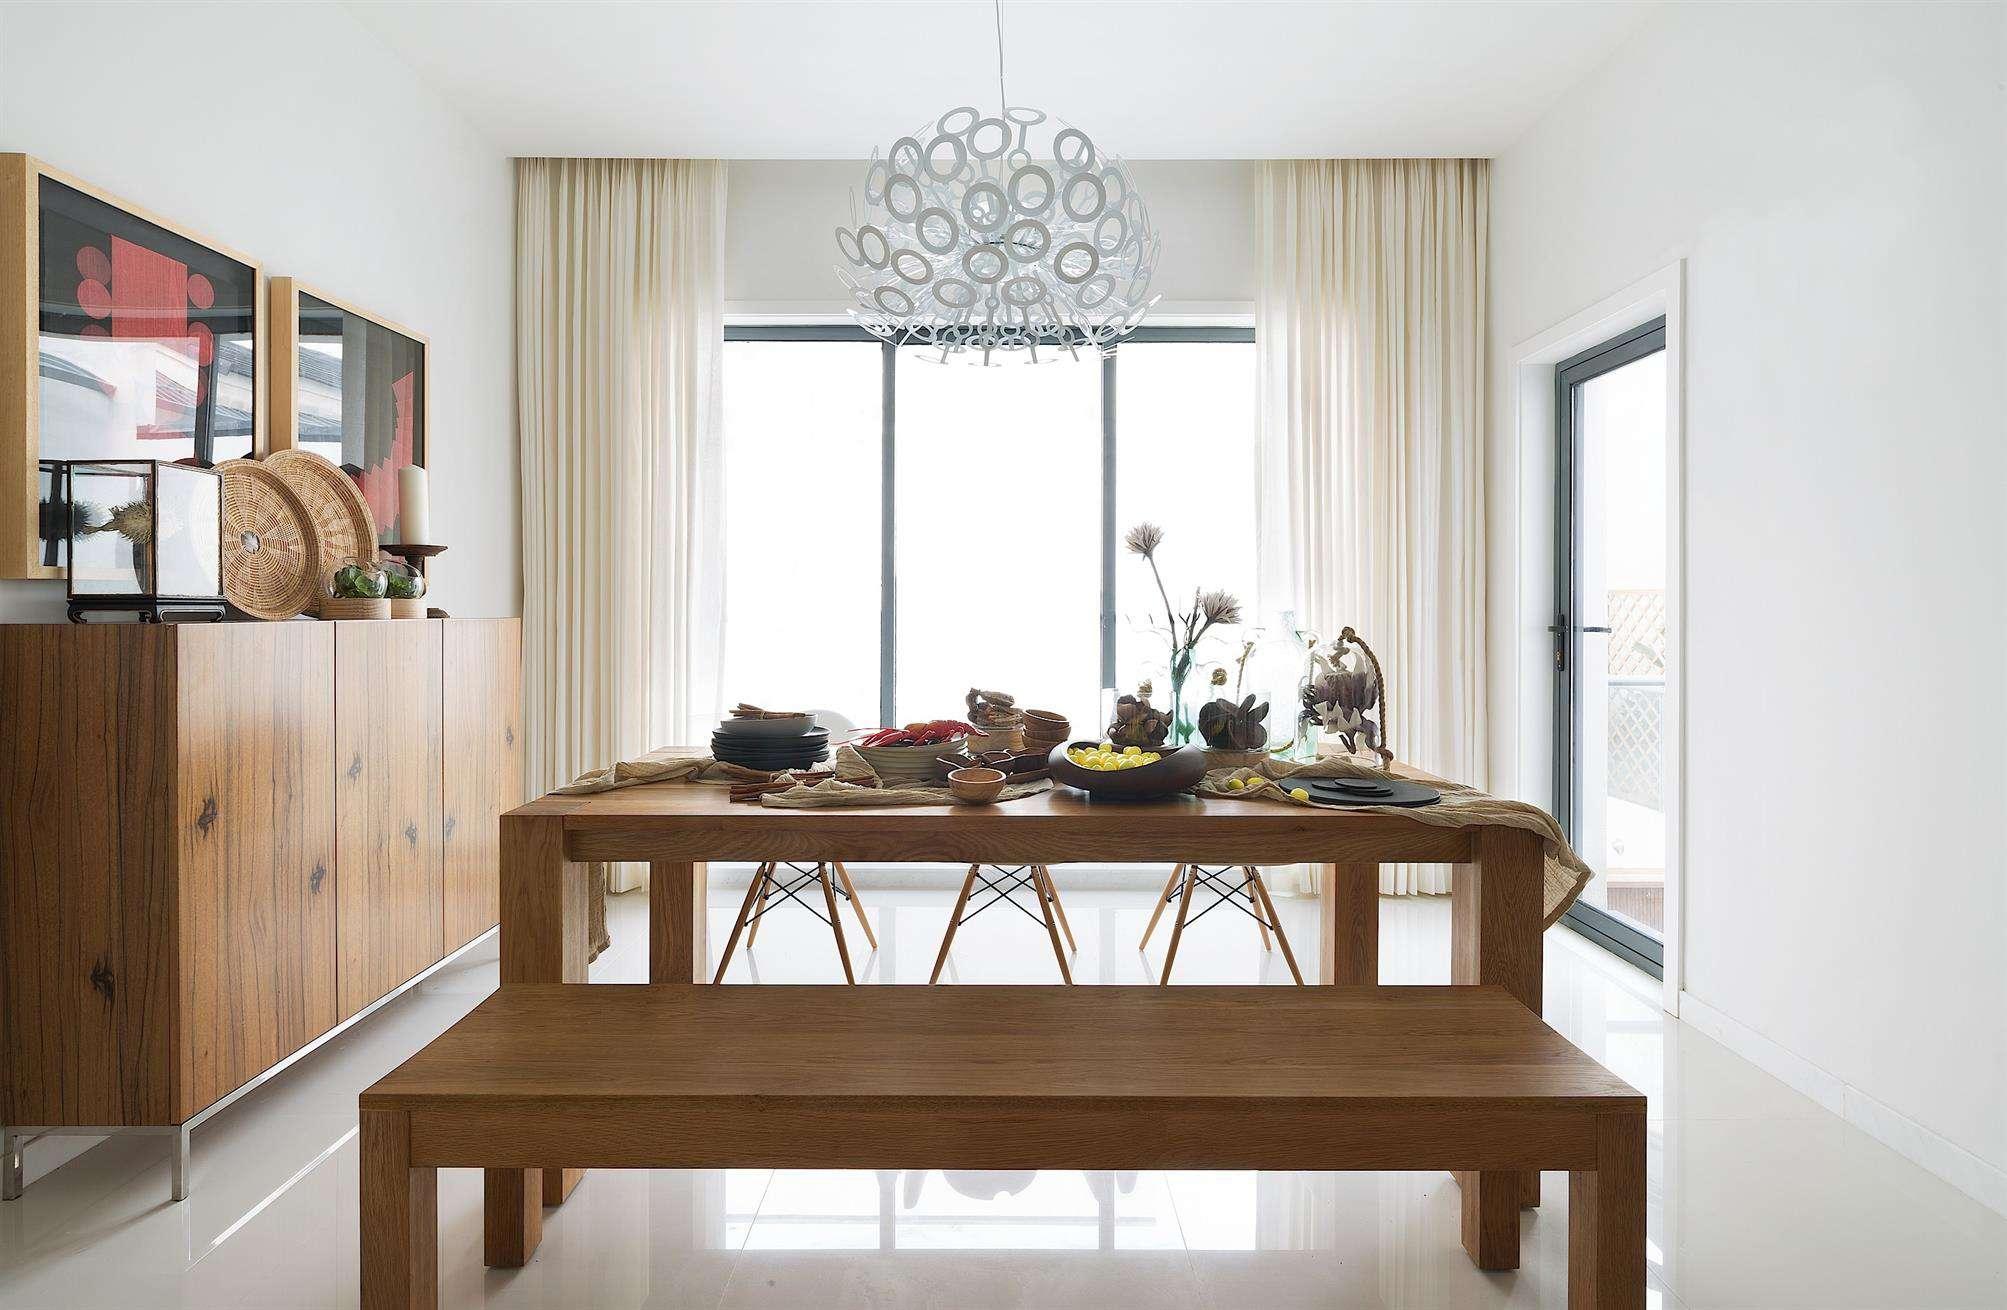 简约宜家设计餐厅实木餐桌凳装饰效果图